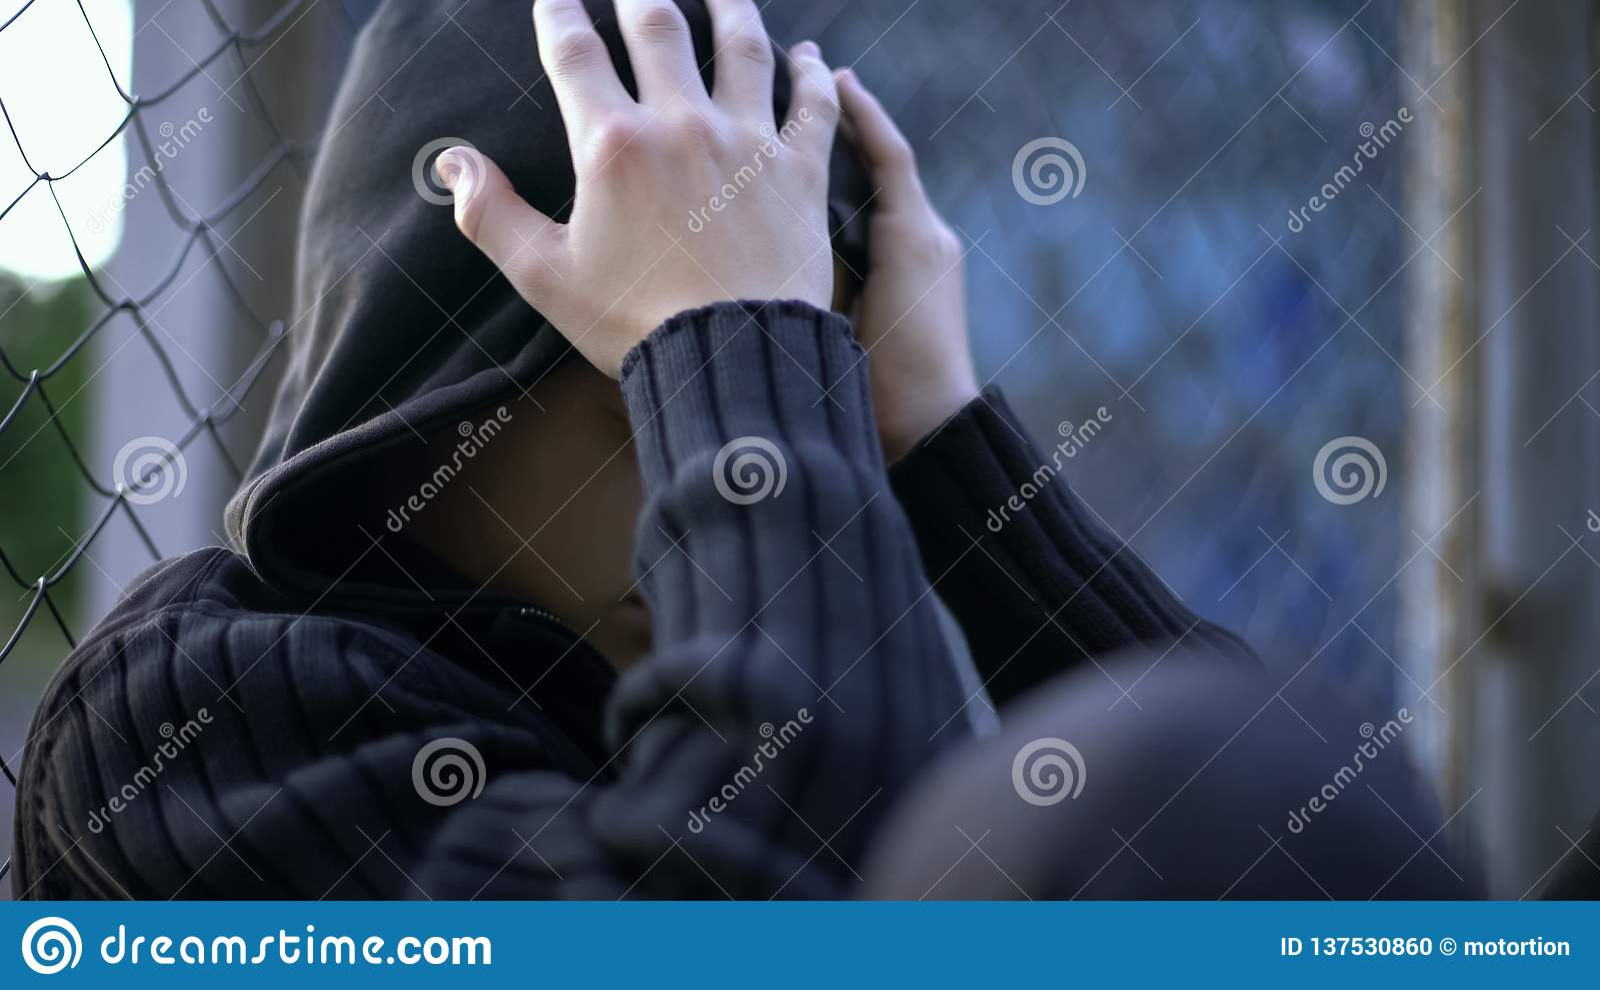 哭泣的少年,学校持强欺弱者,不正常的家庭、寂寞或者消沉